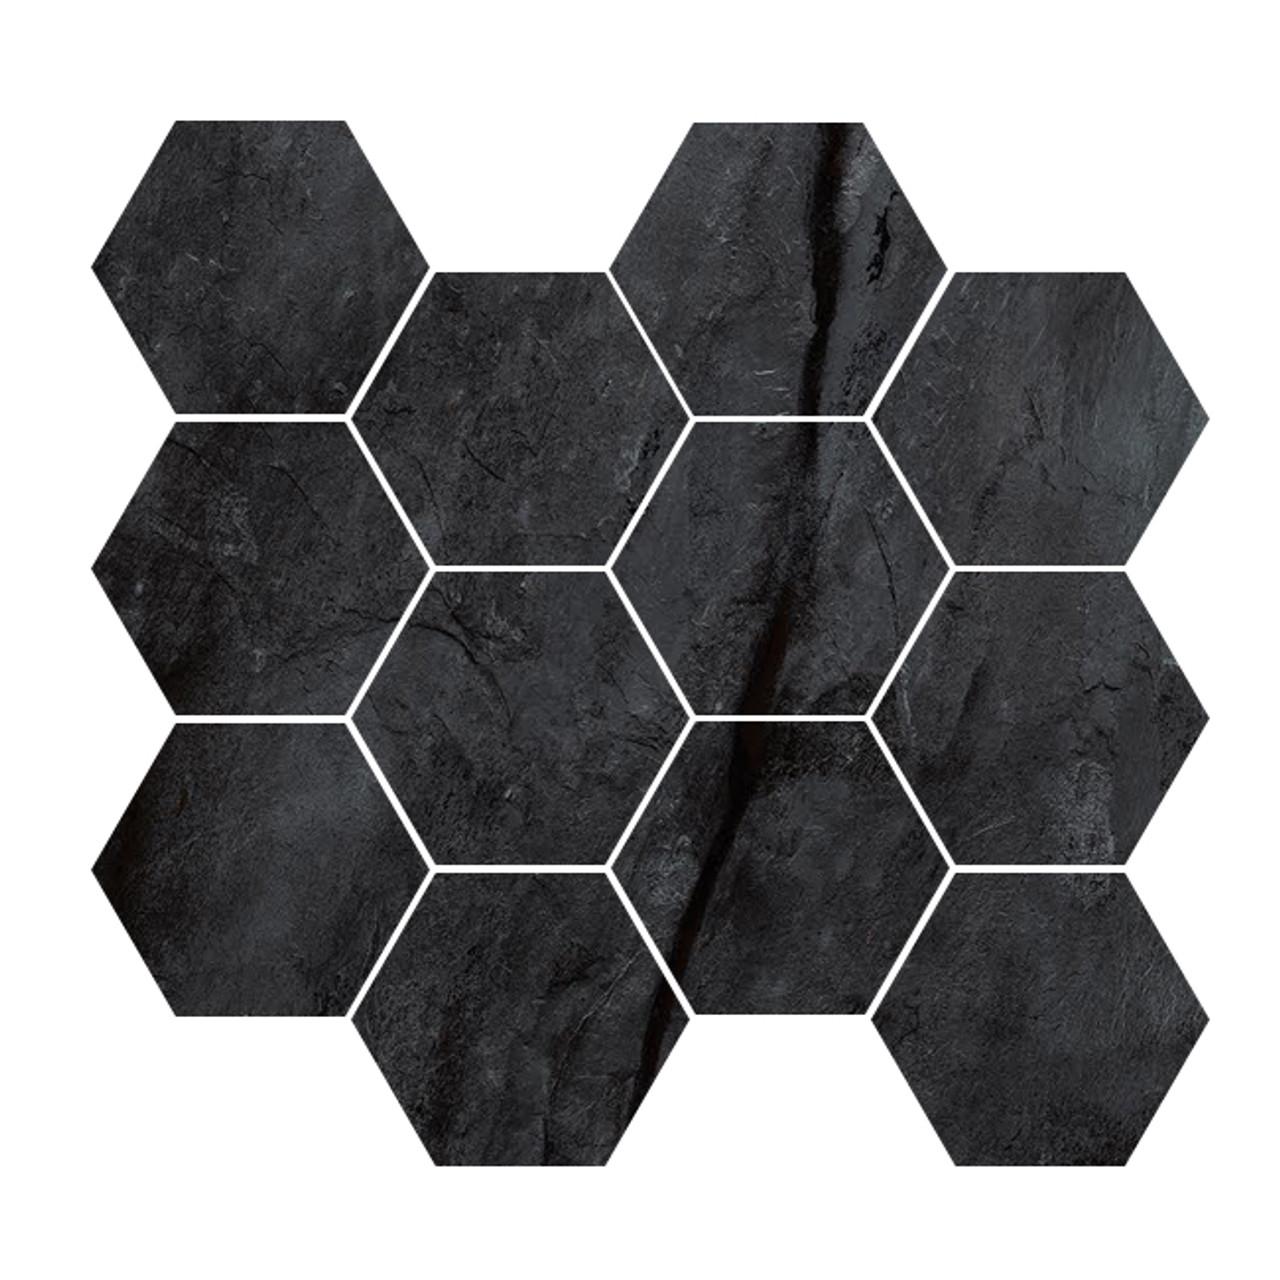 renova black 4 hex mosaic